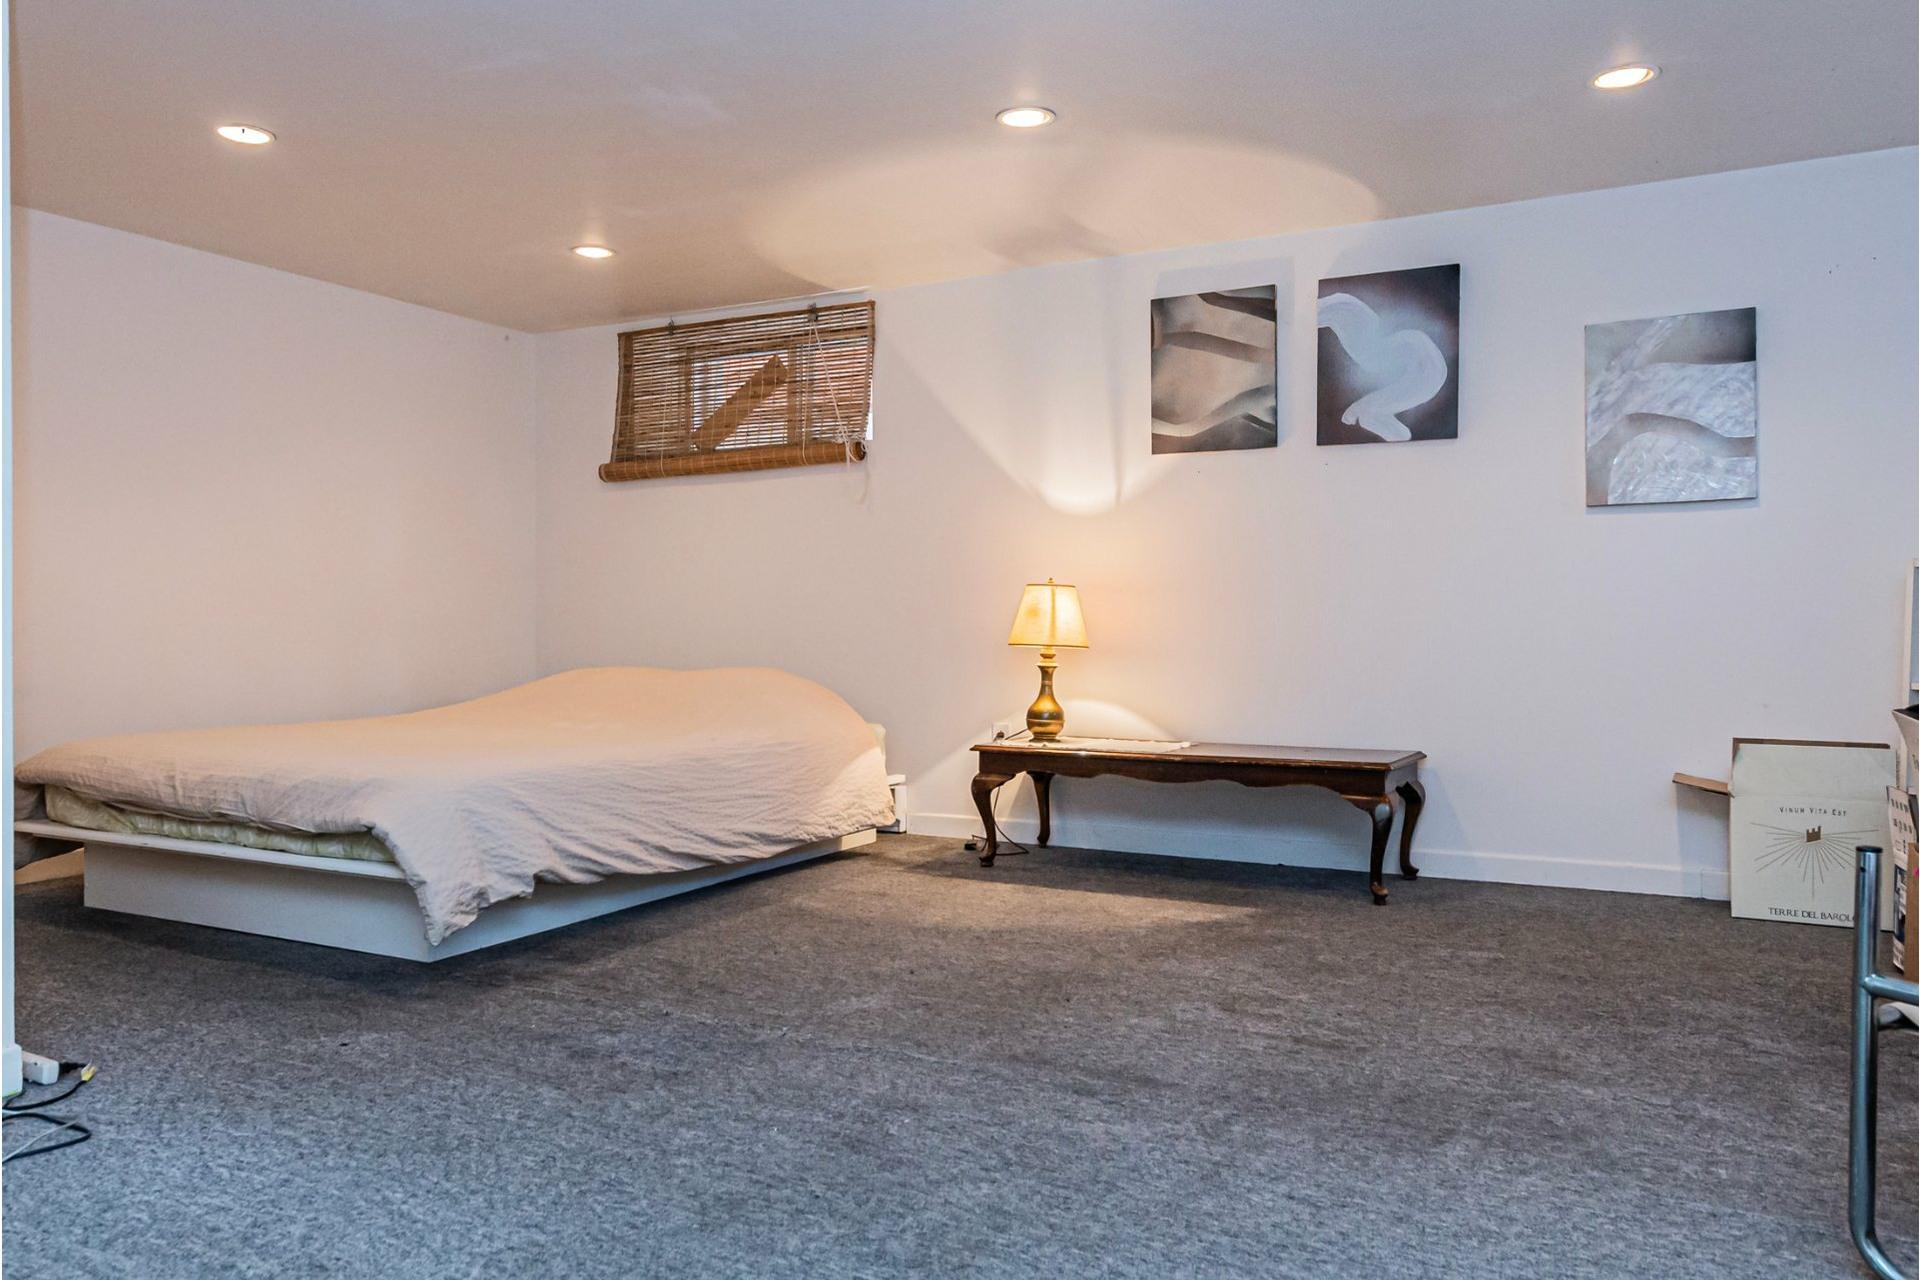 image 28 - Duplex À vendre Côte-des-Neiges/Notre-Dame-de-Grâce Montréal  - 6 pièces